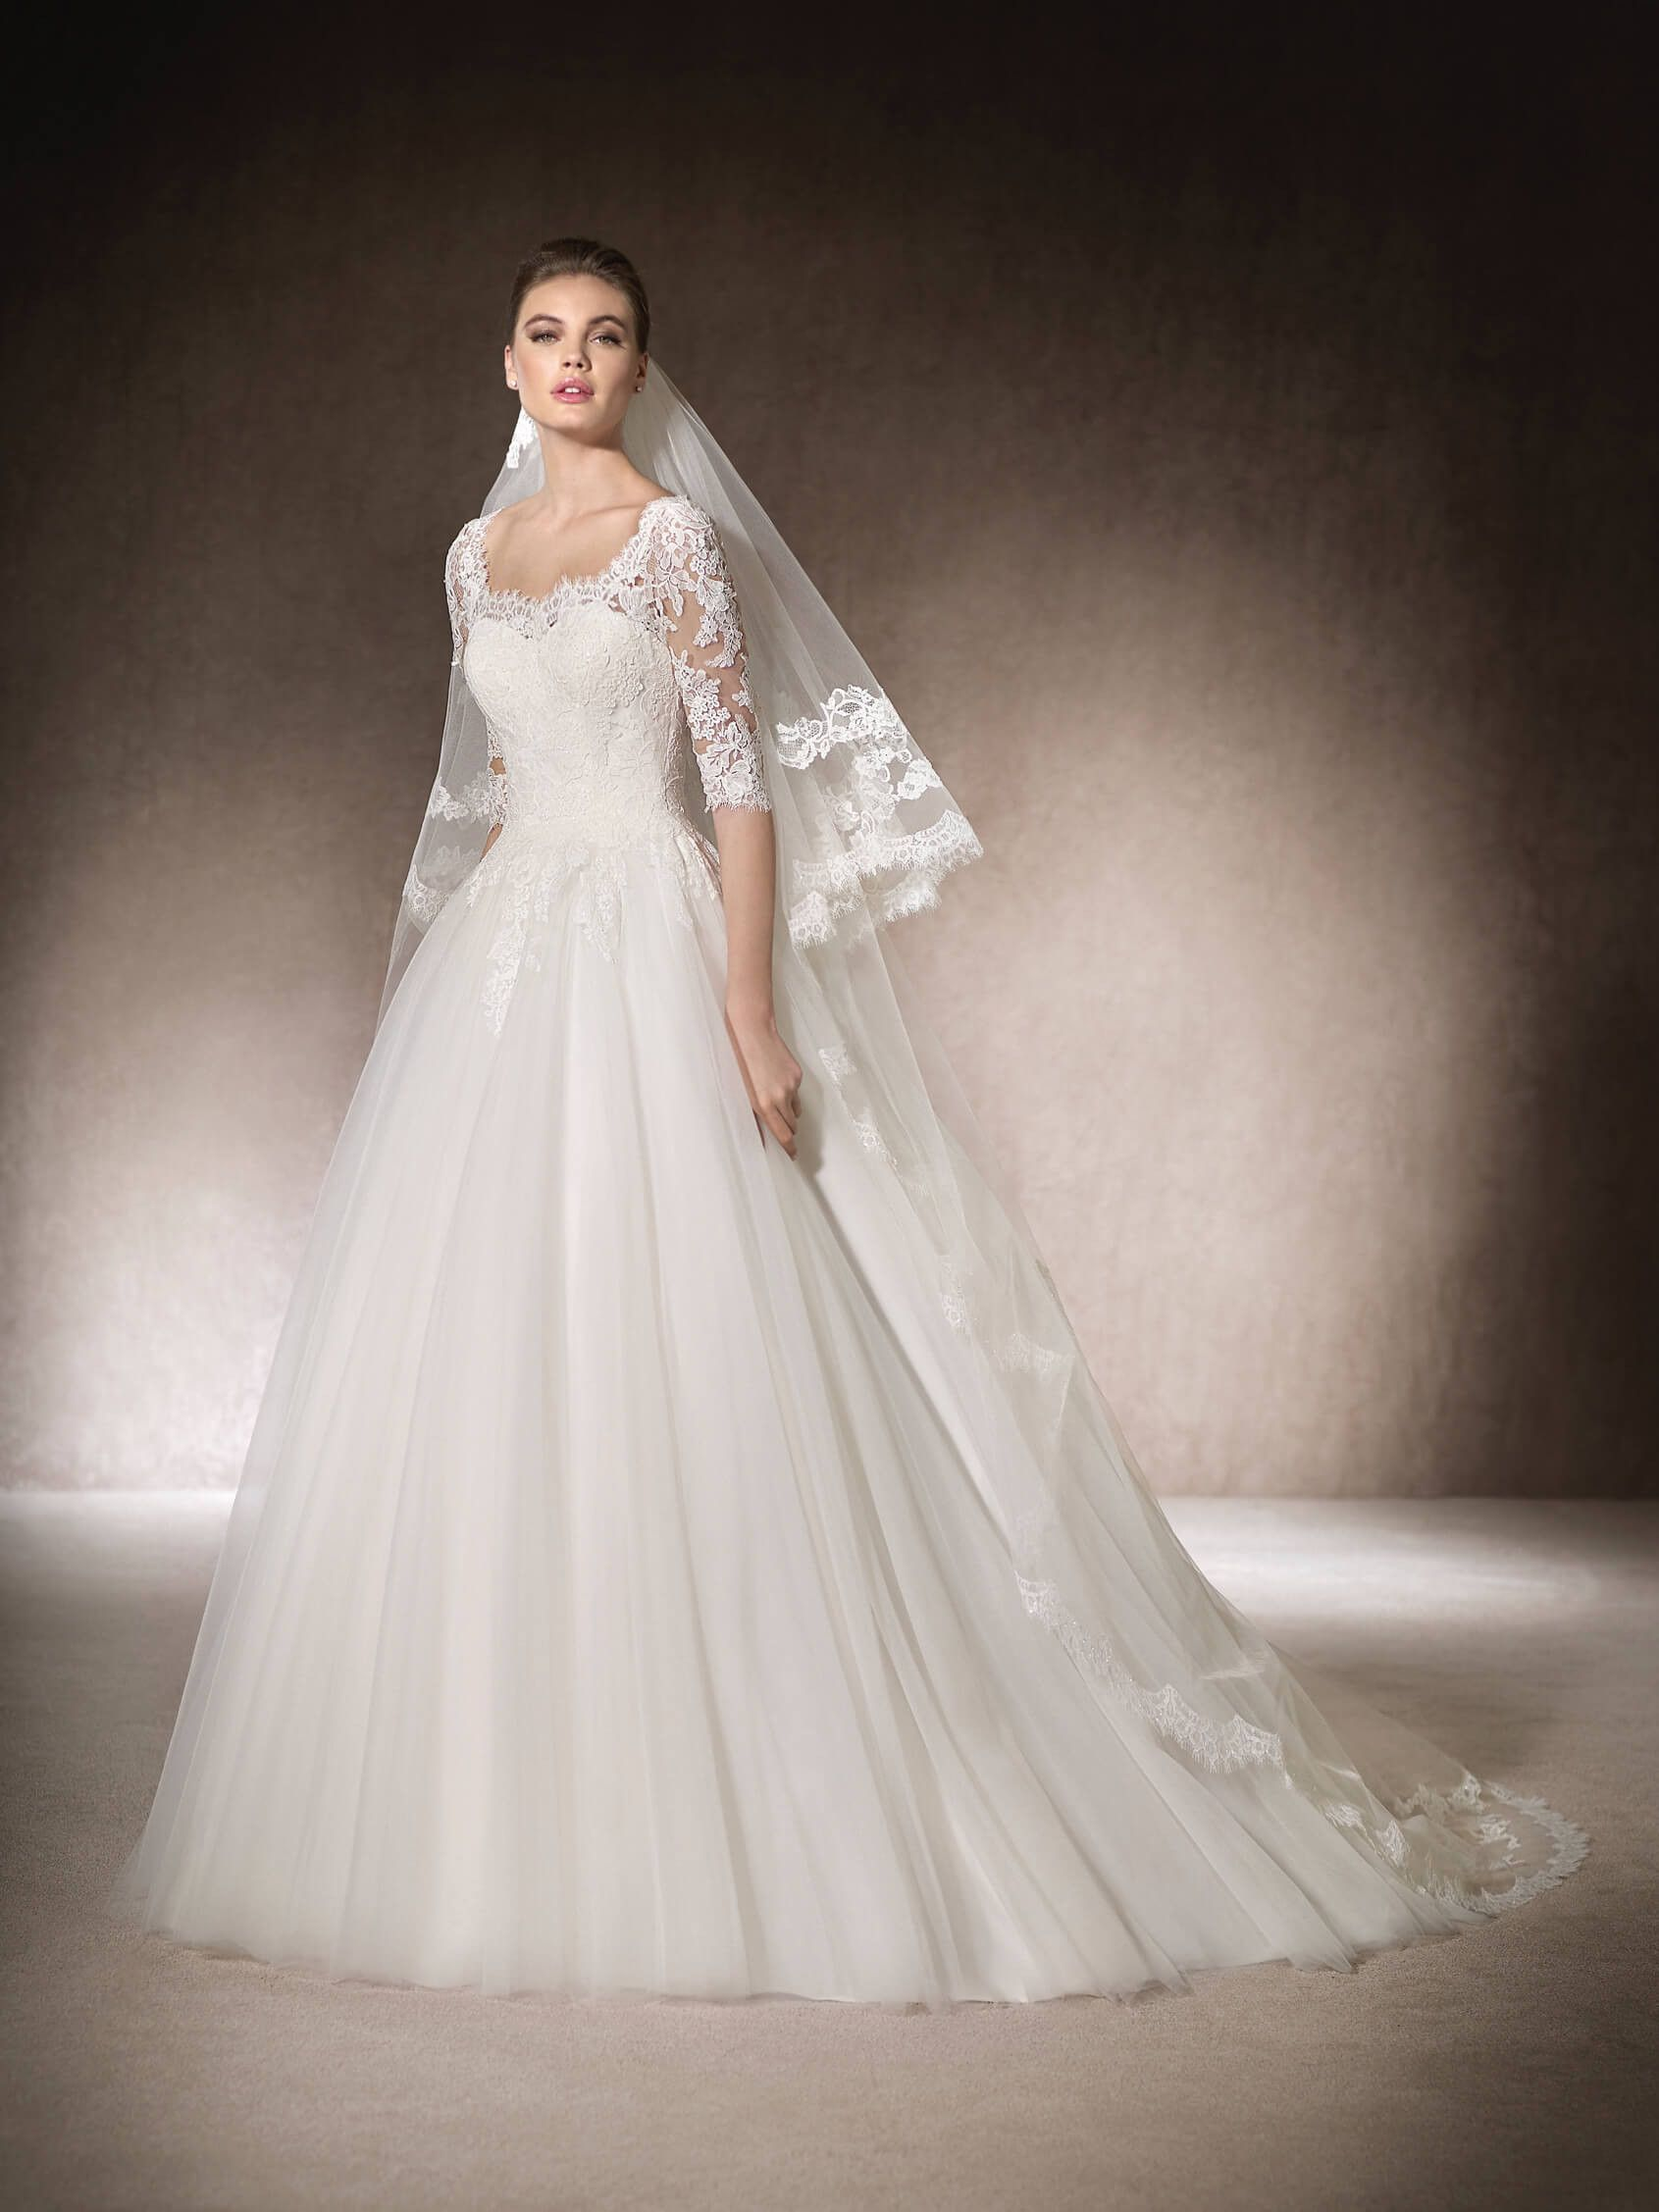 The macarena princess wedding dress has a square neckline